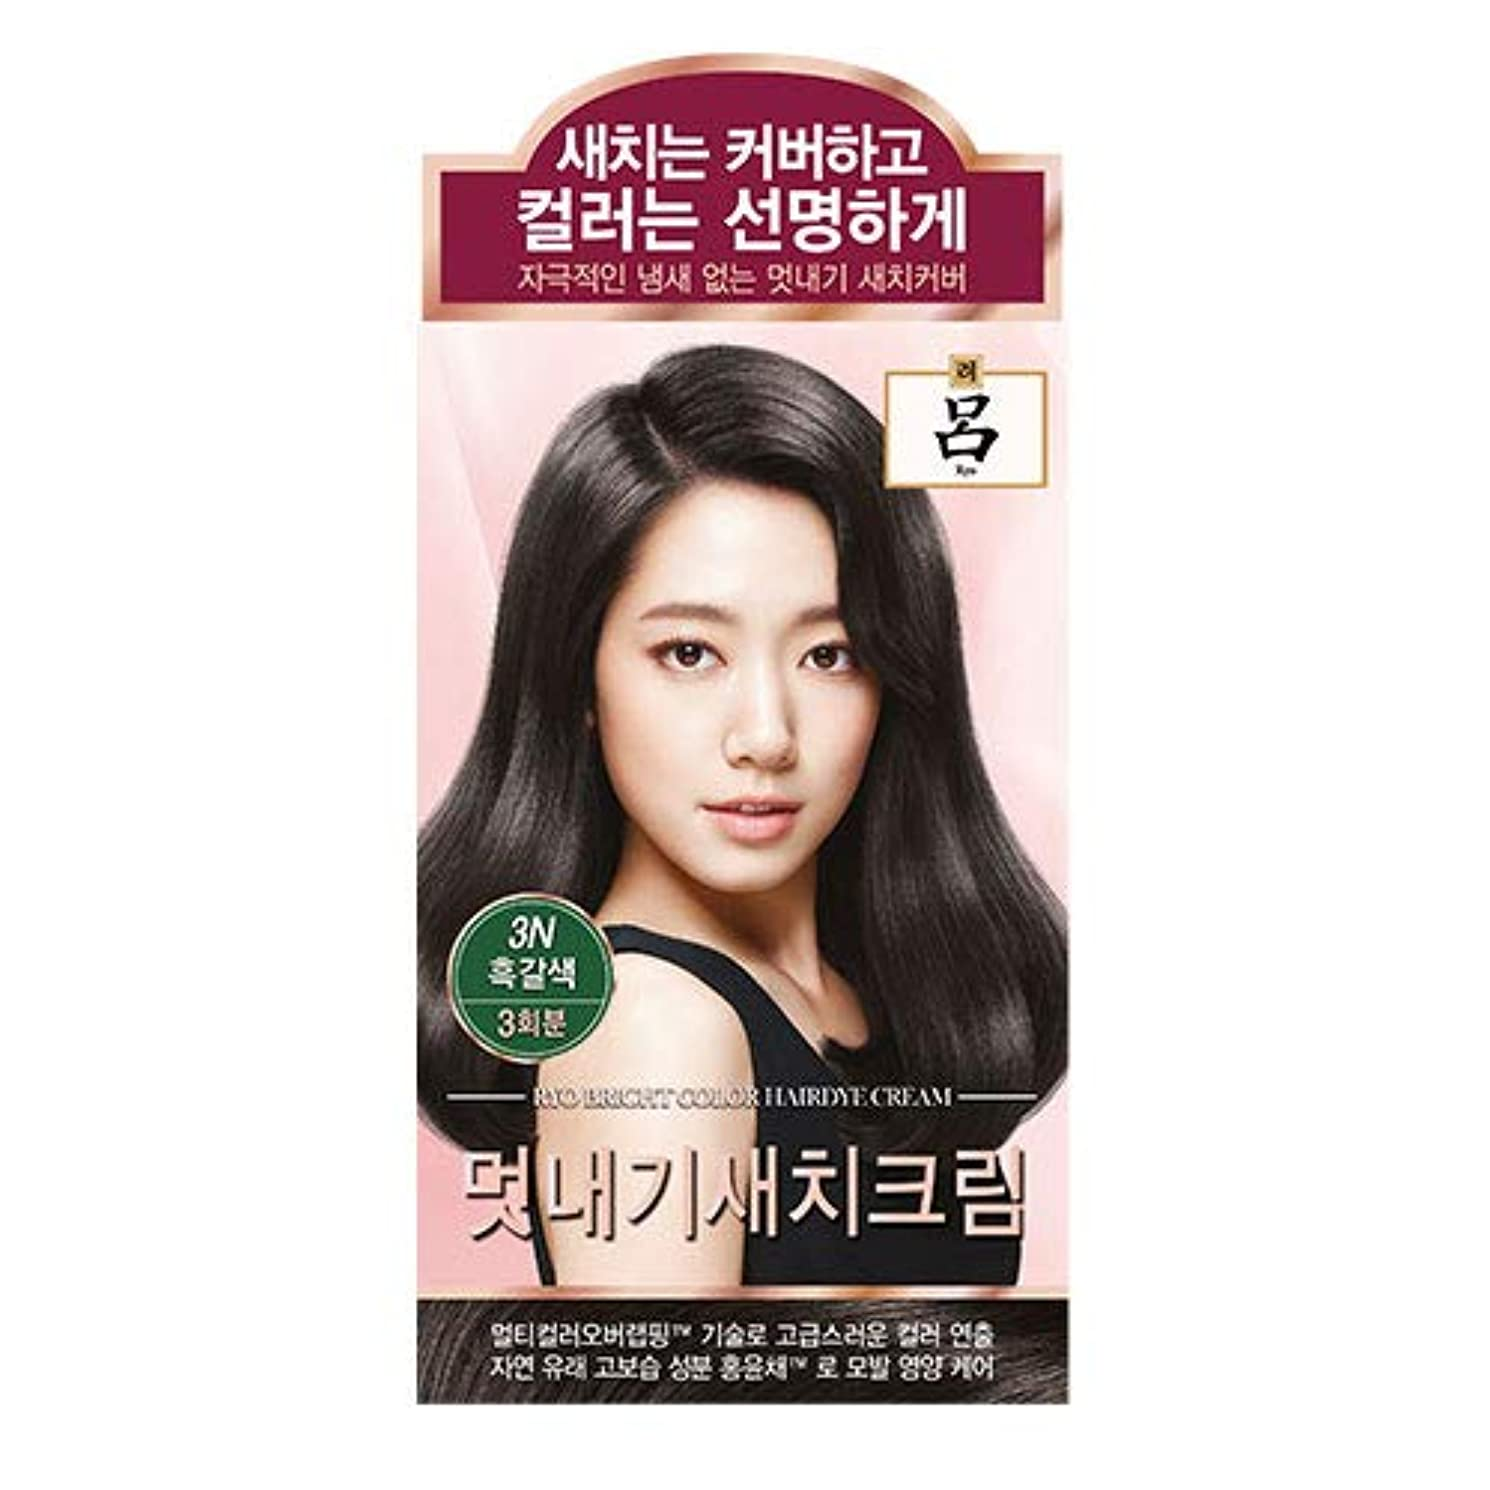 とまり木連鎖温かいアモーレパシフィック呂[AMOREPACIFIC/Ryo] ブライトカラーヘアアイクリーム 3N ダークブラウン/Bright Color Hairdye Cream 3N Dark Brown